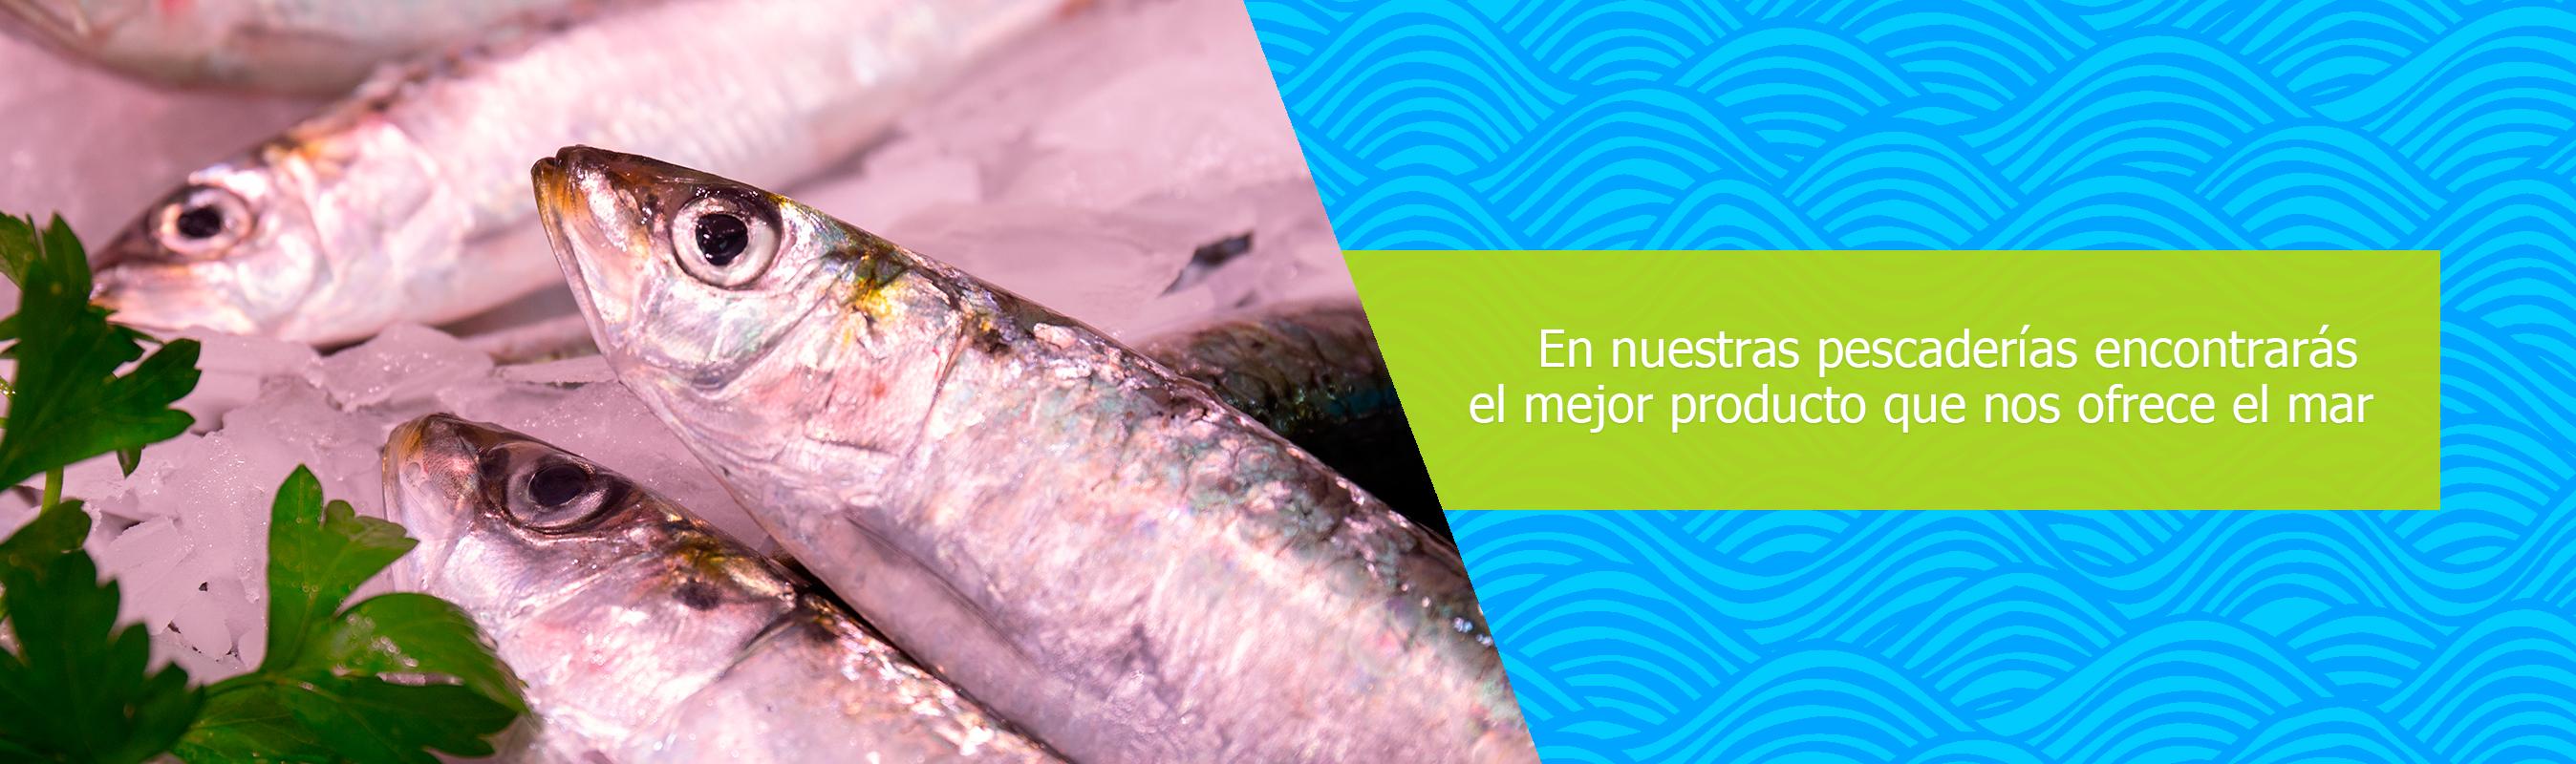 pescaderia-prueba-1